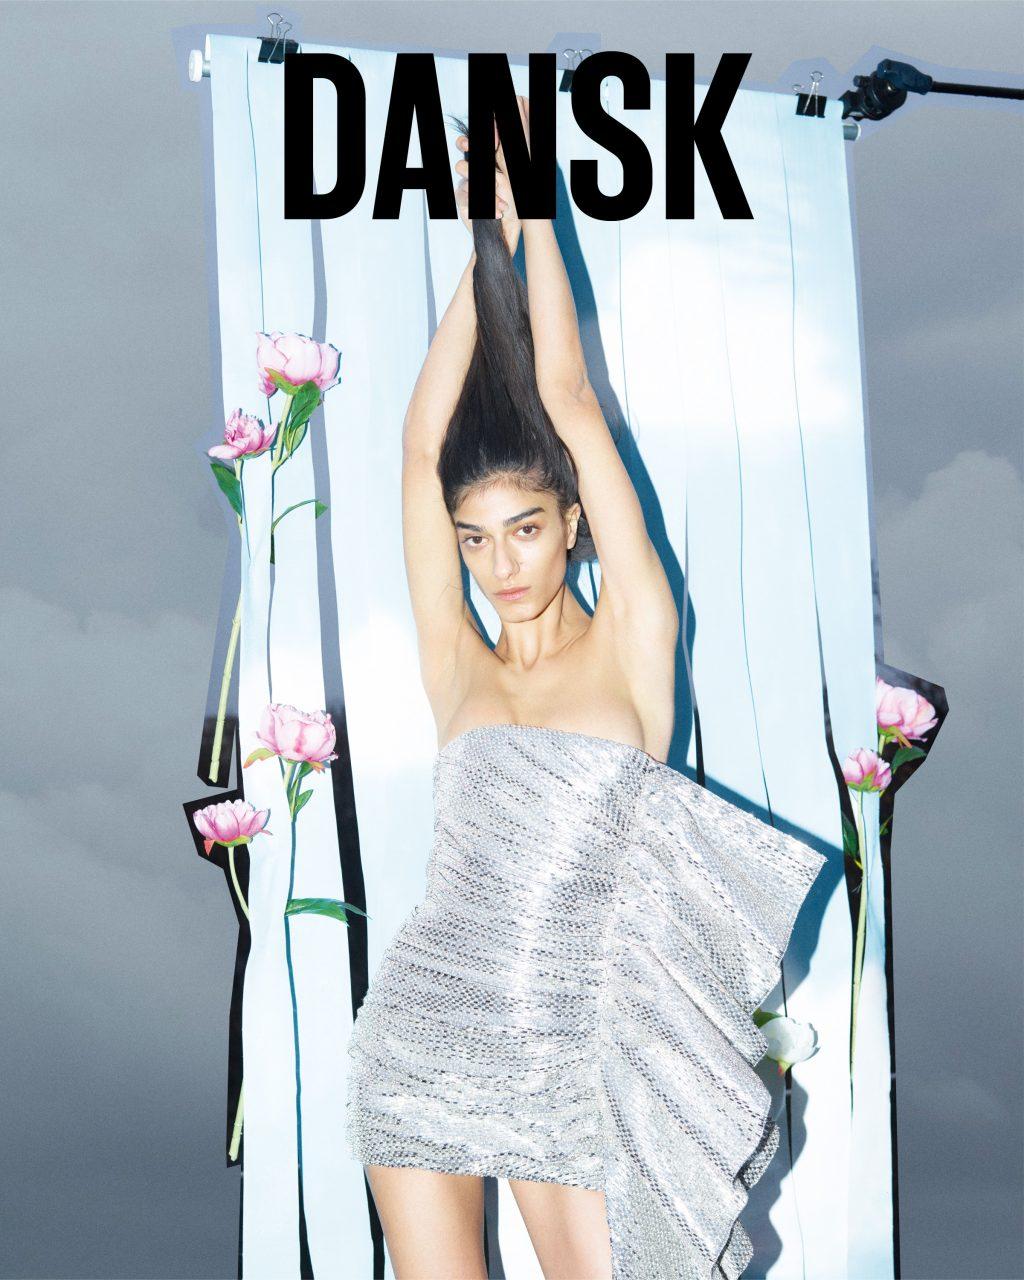 DANSK Oz